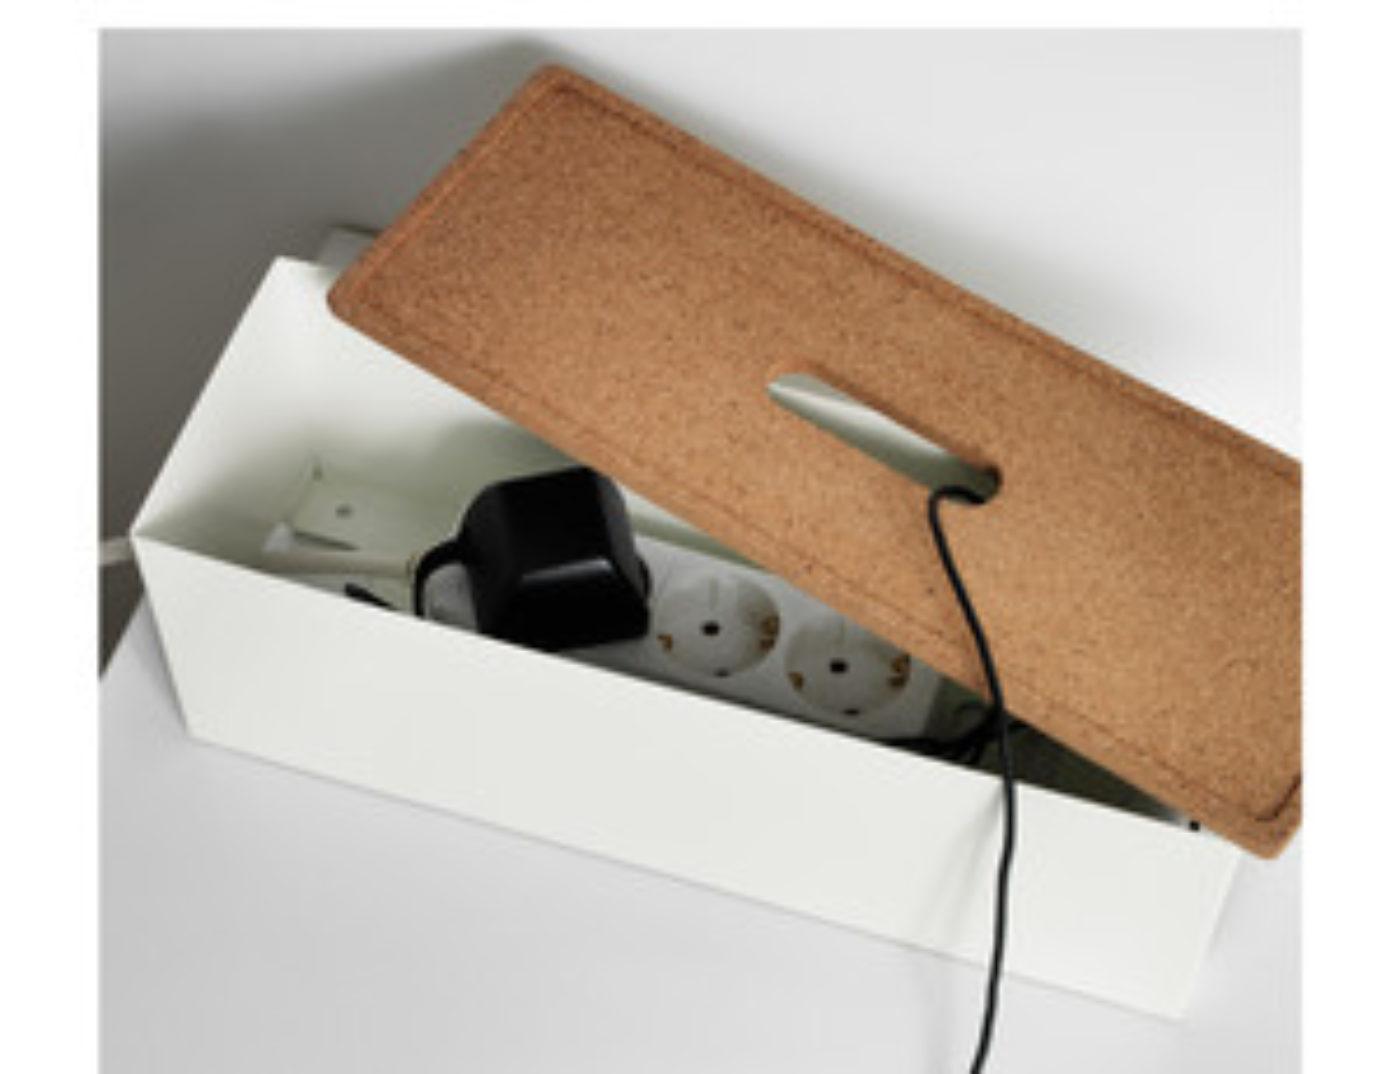 Виды кабельных каналов и применяемые материалы: установка защитных коробов для кабелей и проводов